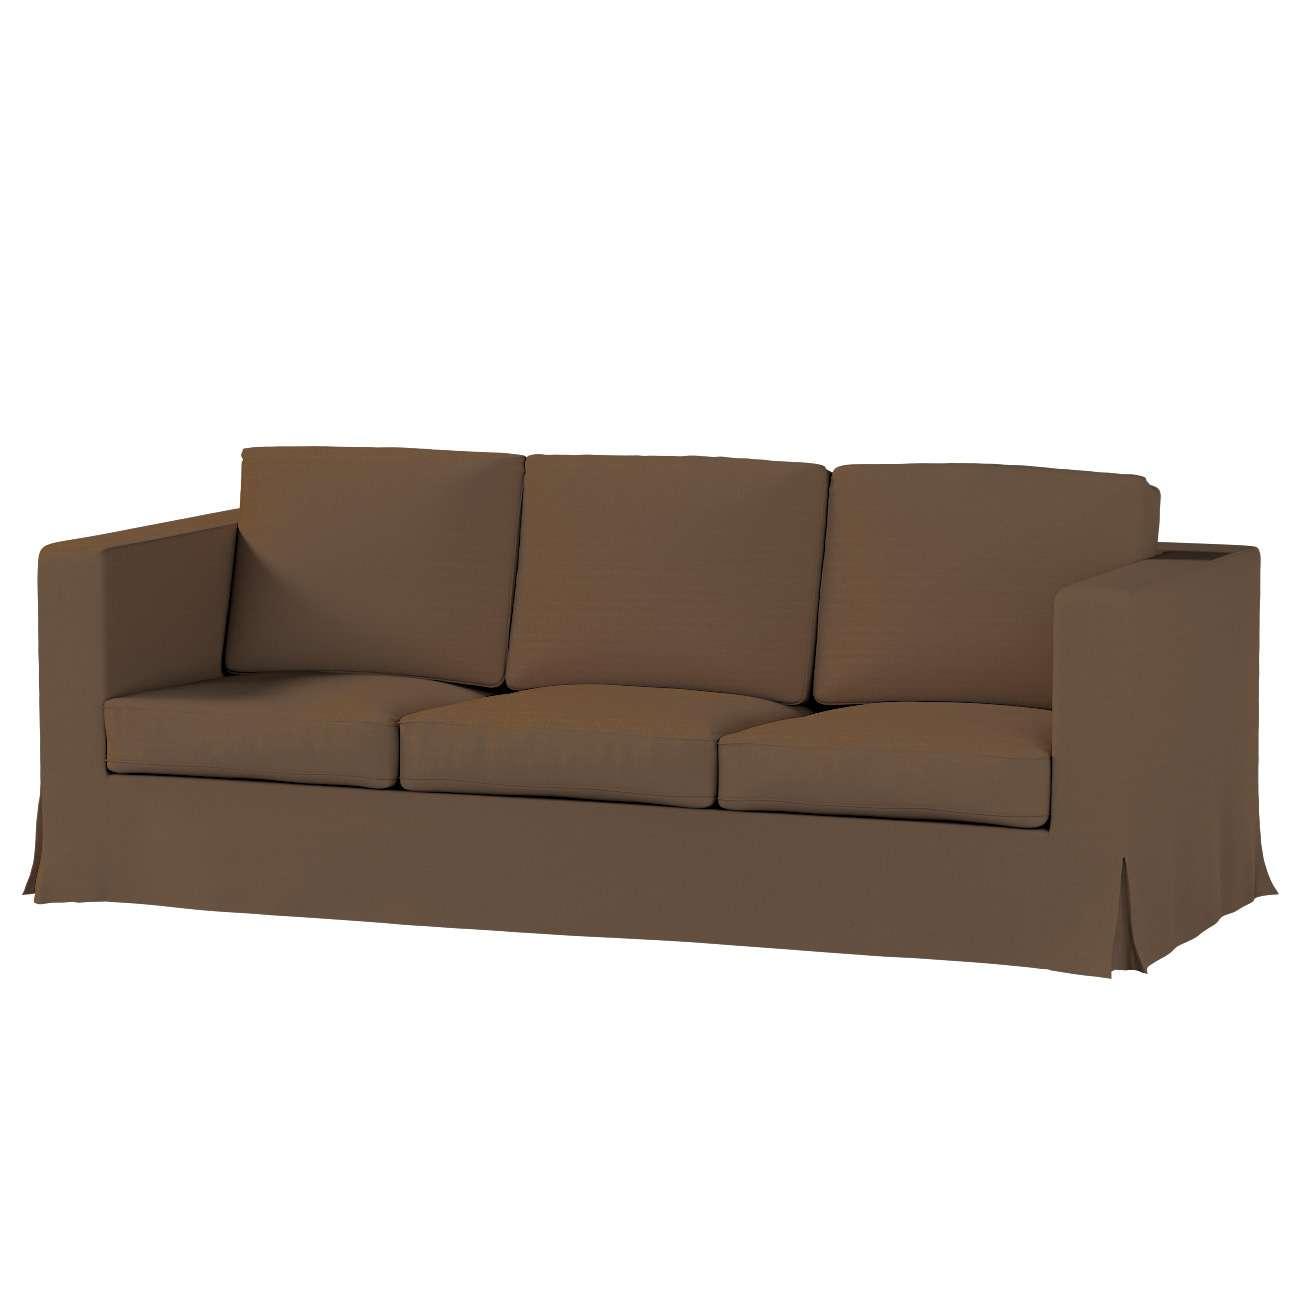 Potah na pohovku IKEA  Karlanda 3-místná nerozkládací, dlouhý pohovka Karlanda 3-os v kolekci Cotton Panama, látka: 702-02